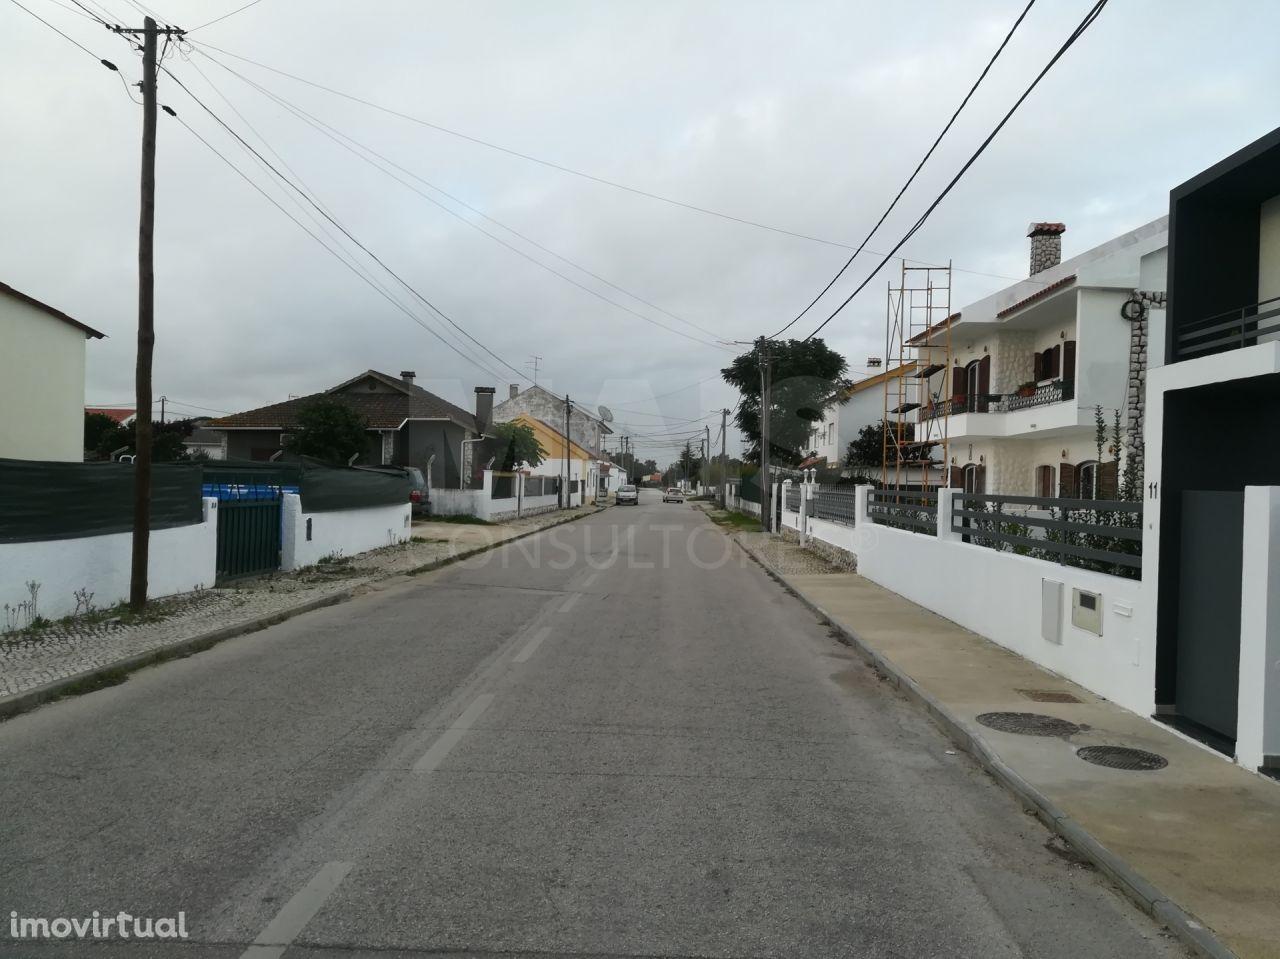 Terreno urbano para construção de moradia na Quinta do Anjo